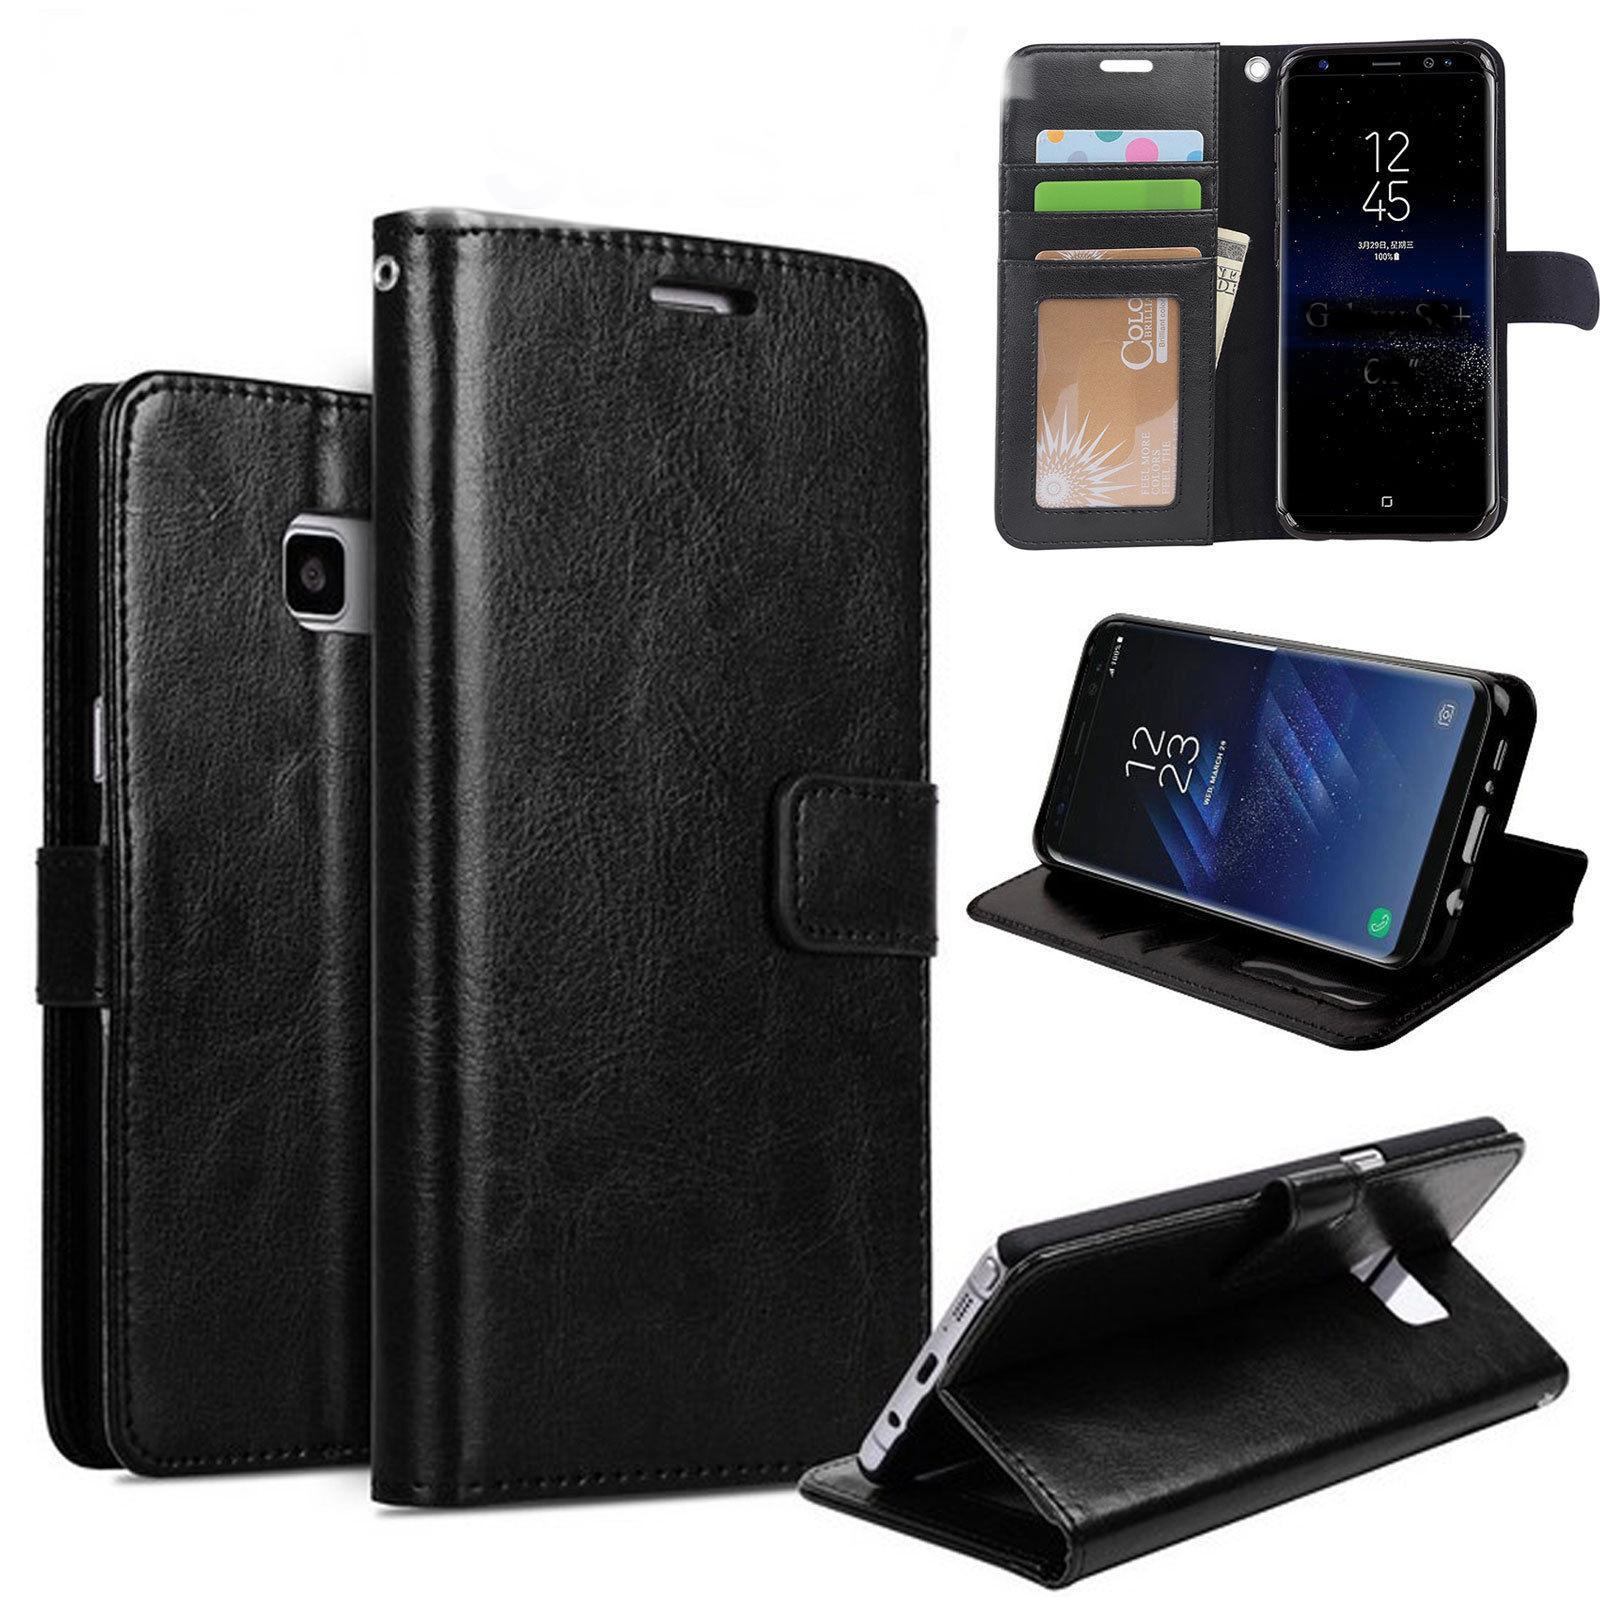 Housse Etui Portefeuille pour Samsung Galaxy S9 Plus Protection Optimale Couleur Noir